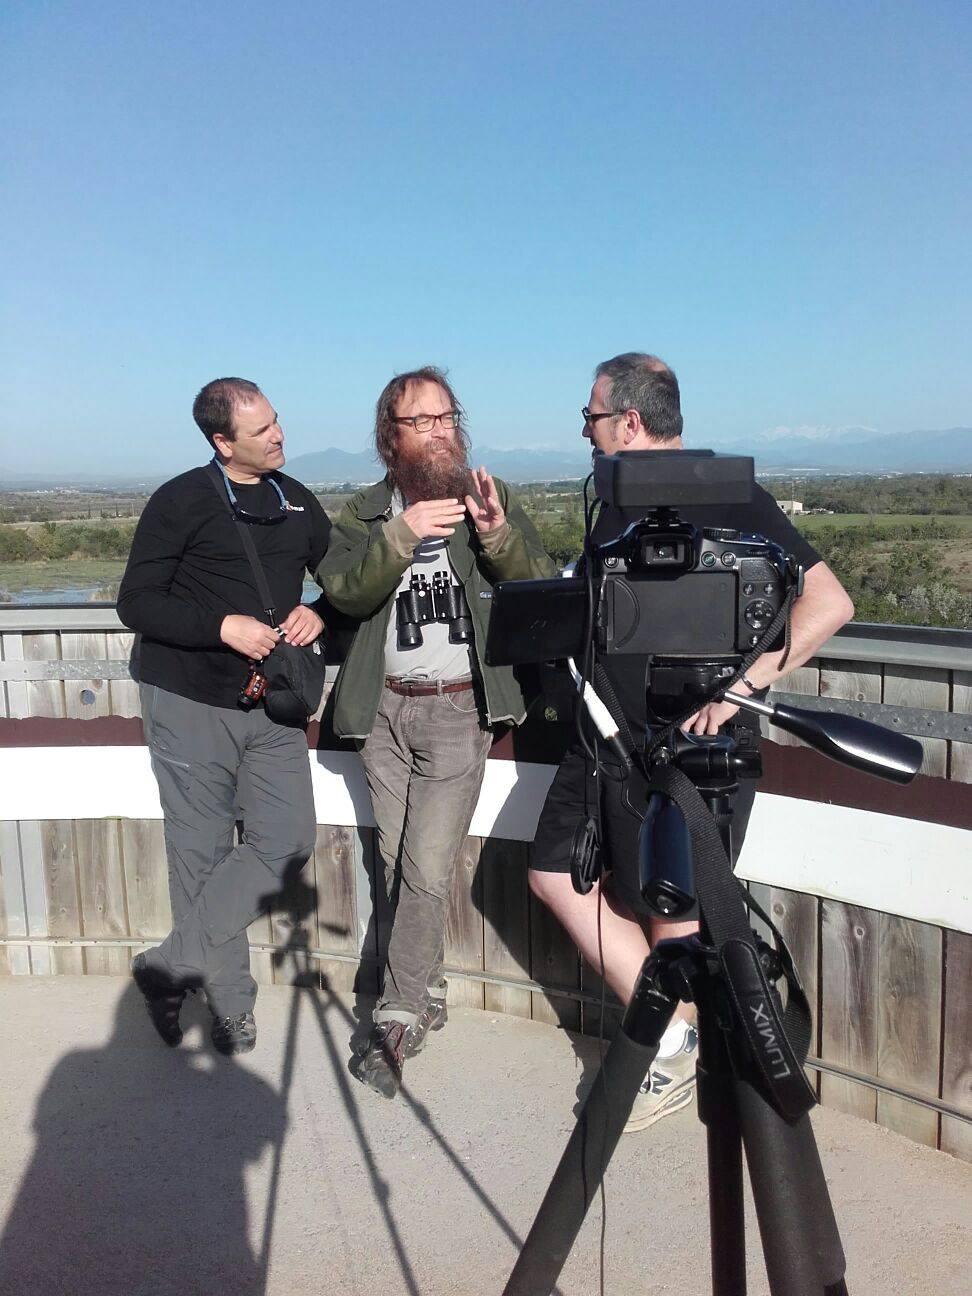 Momentos del rodaje de nuestro programa de televisión ene l que Josemi y JM entrevistas a un personaje en uno de los destinos